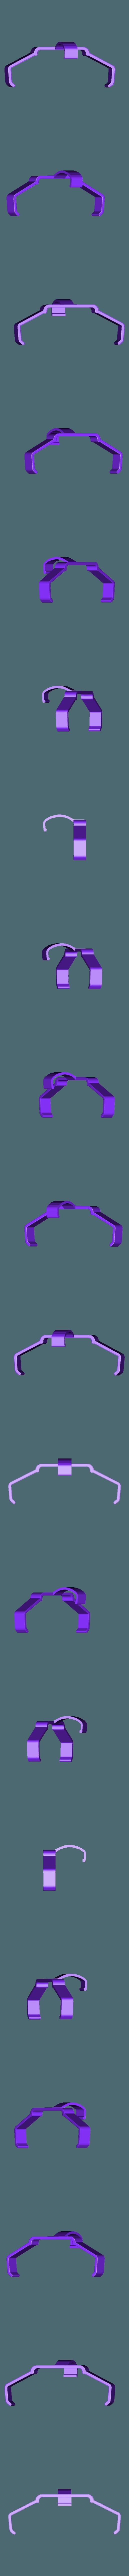 clip.stl Télécharger fichier STL gratuit Support d'hélice de mini-top DJI Mavic • Design imprimable en 3D, mwilmars